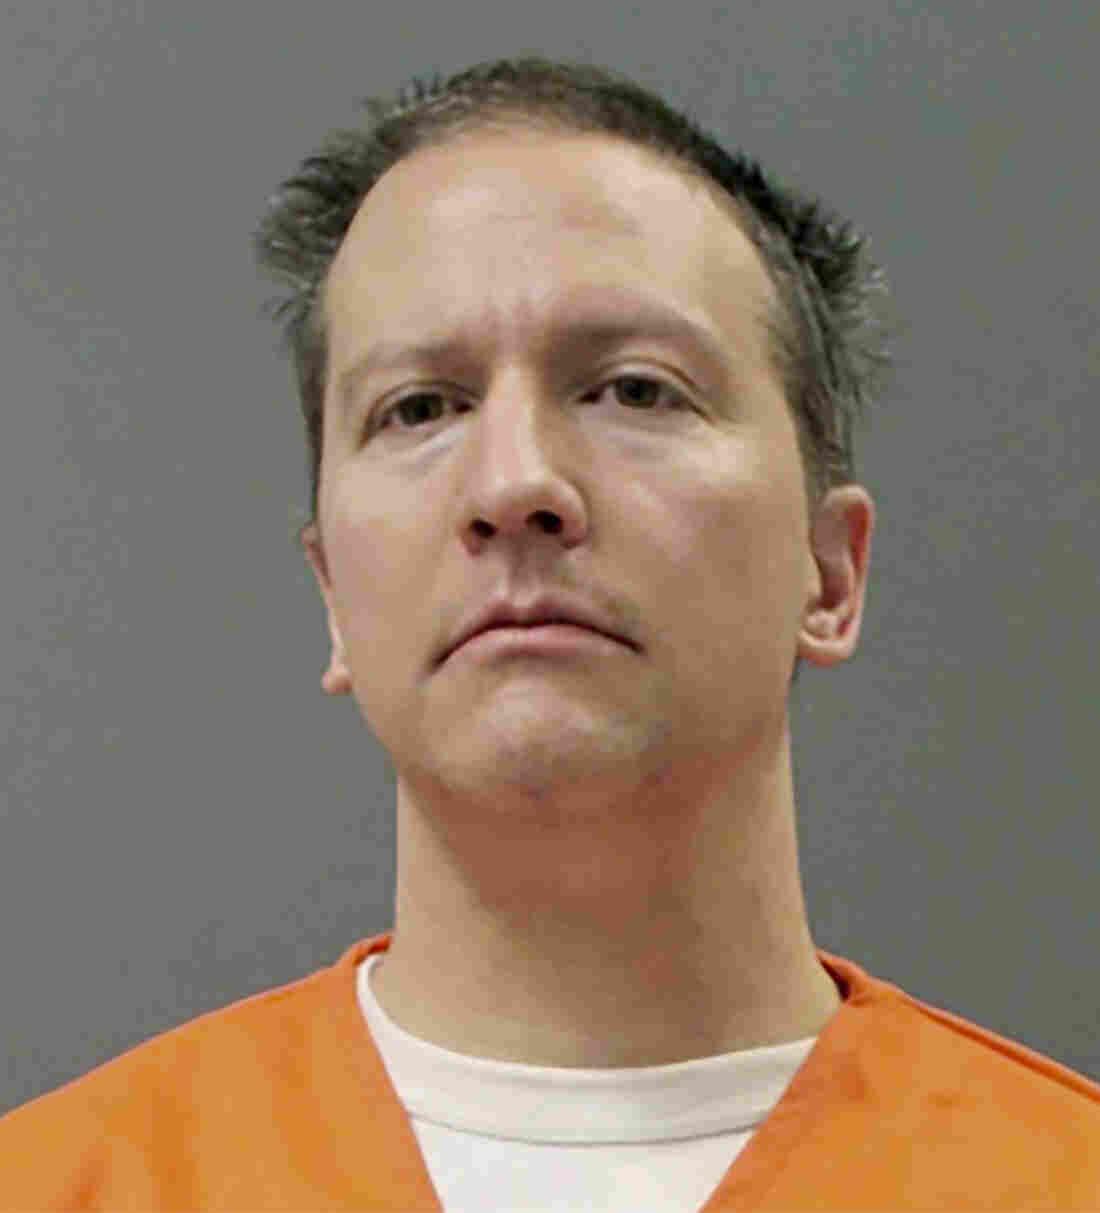 Derek Chauvin Files For New Trial In George Floyd Murder Case 1